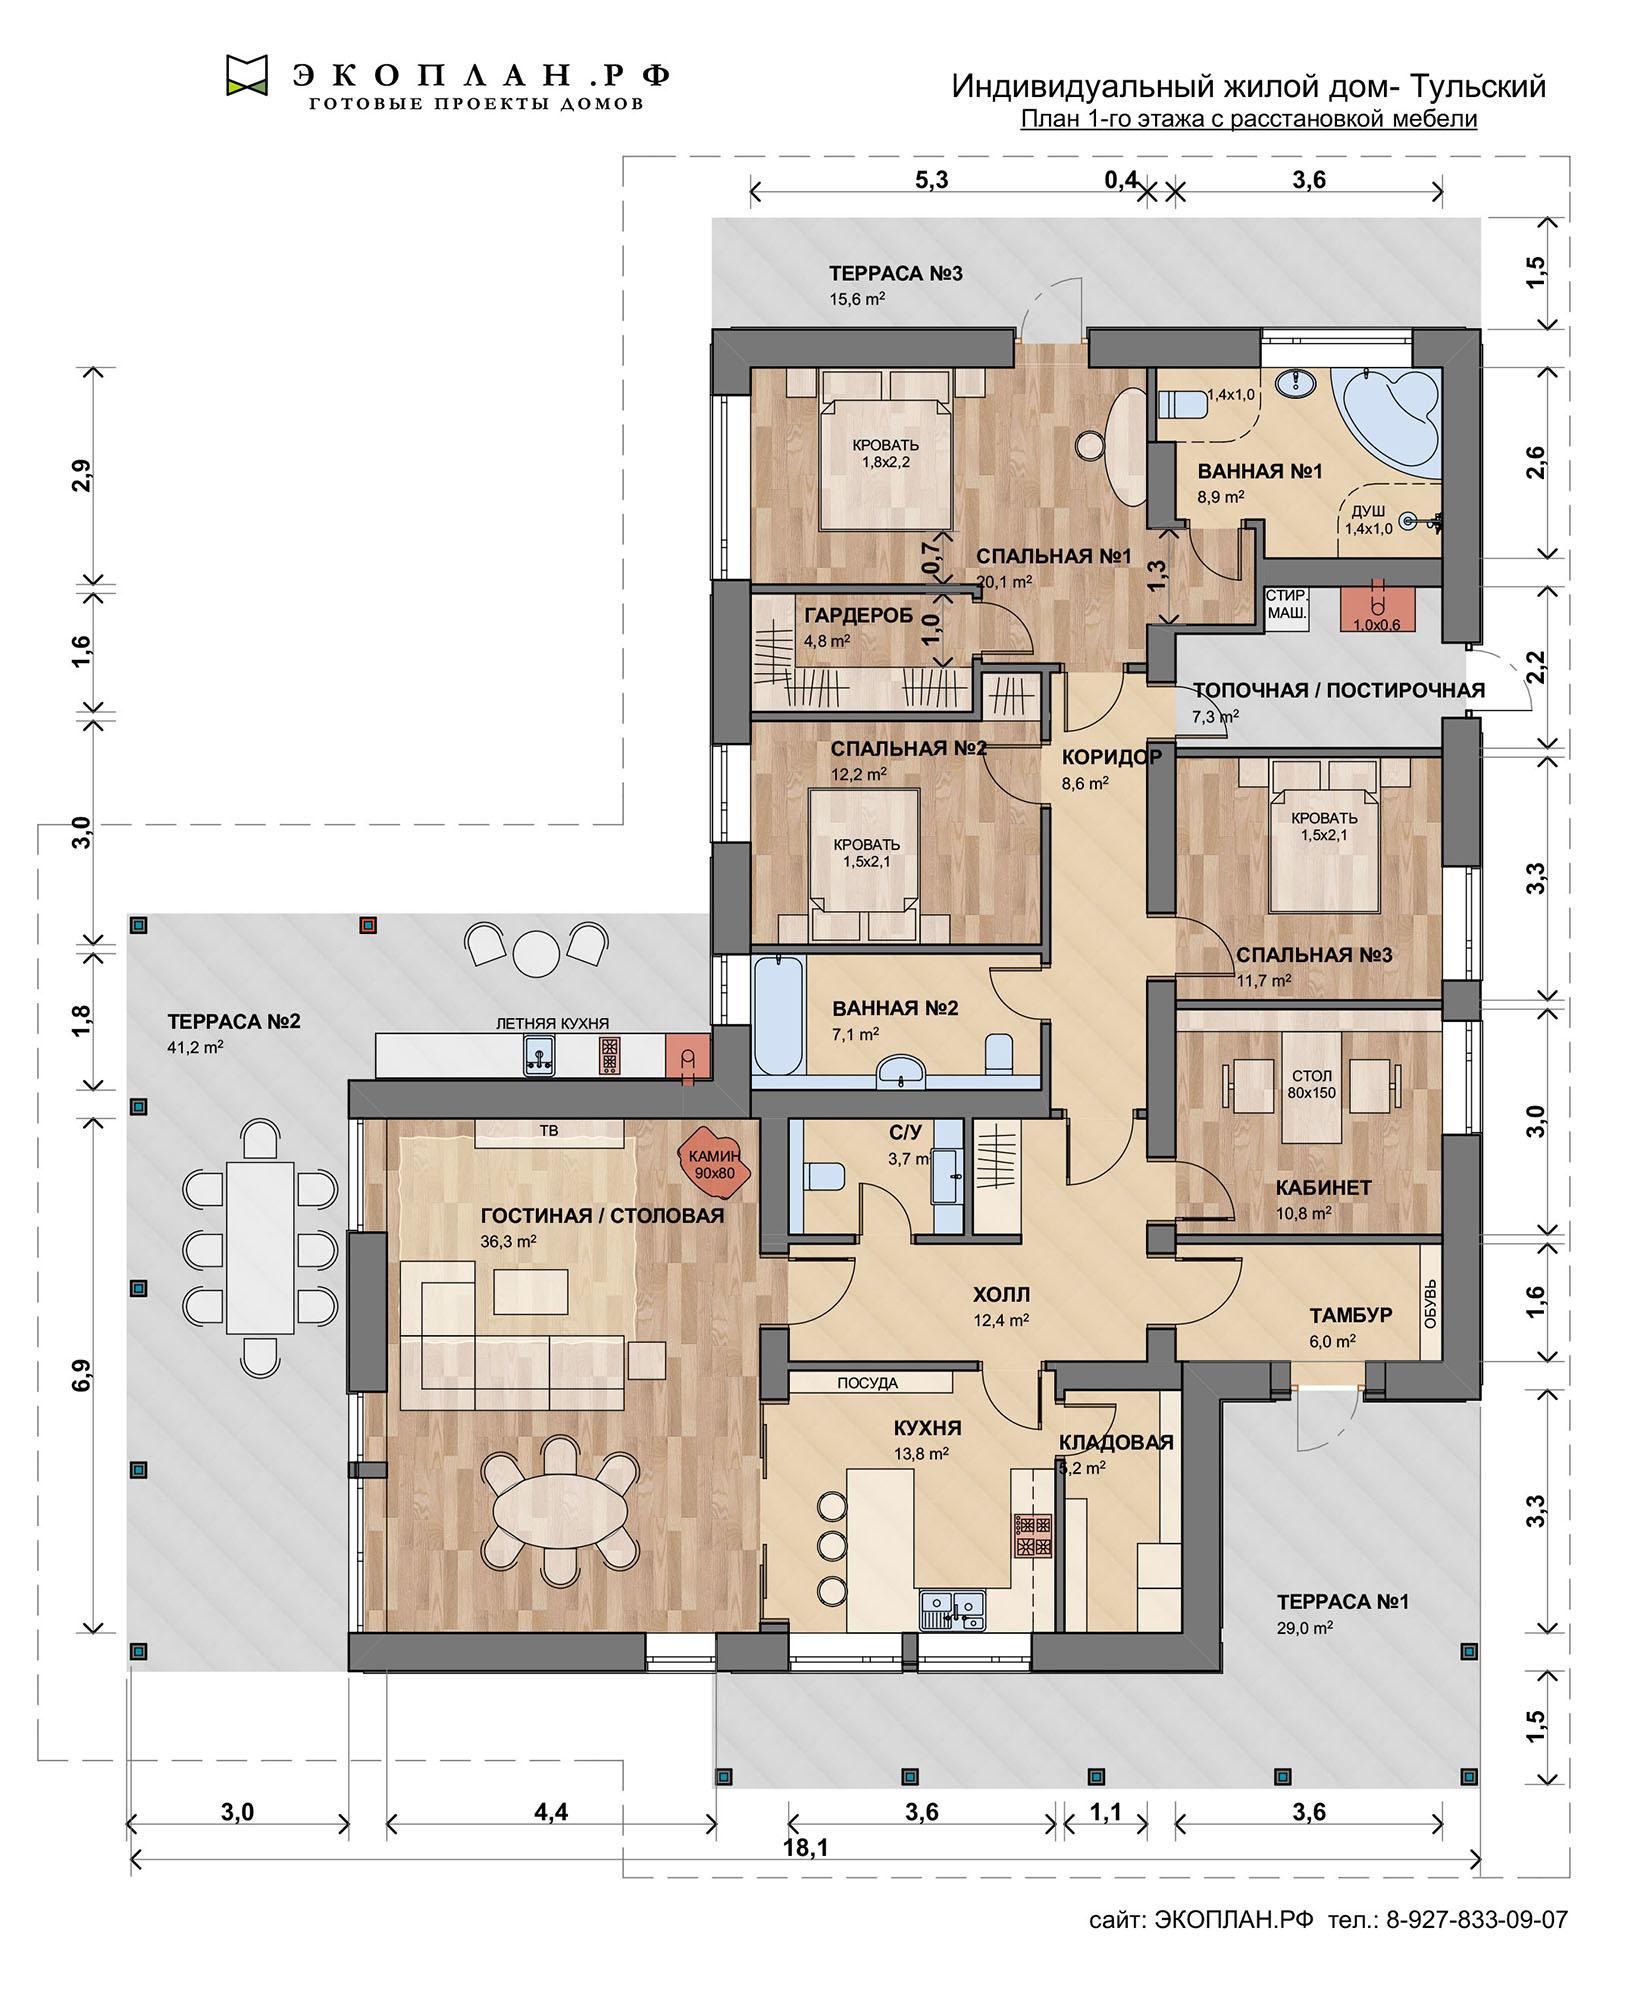 Готовый проект дома - Тульский - Экоплан план